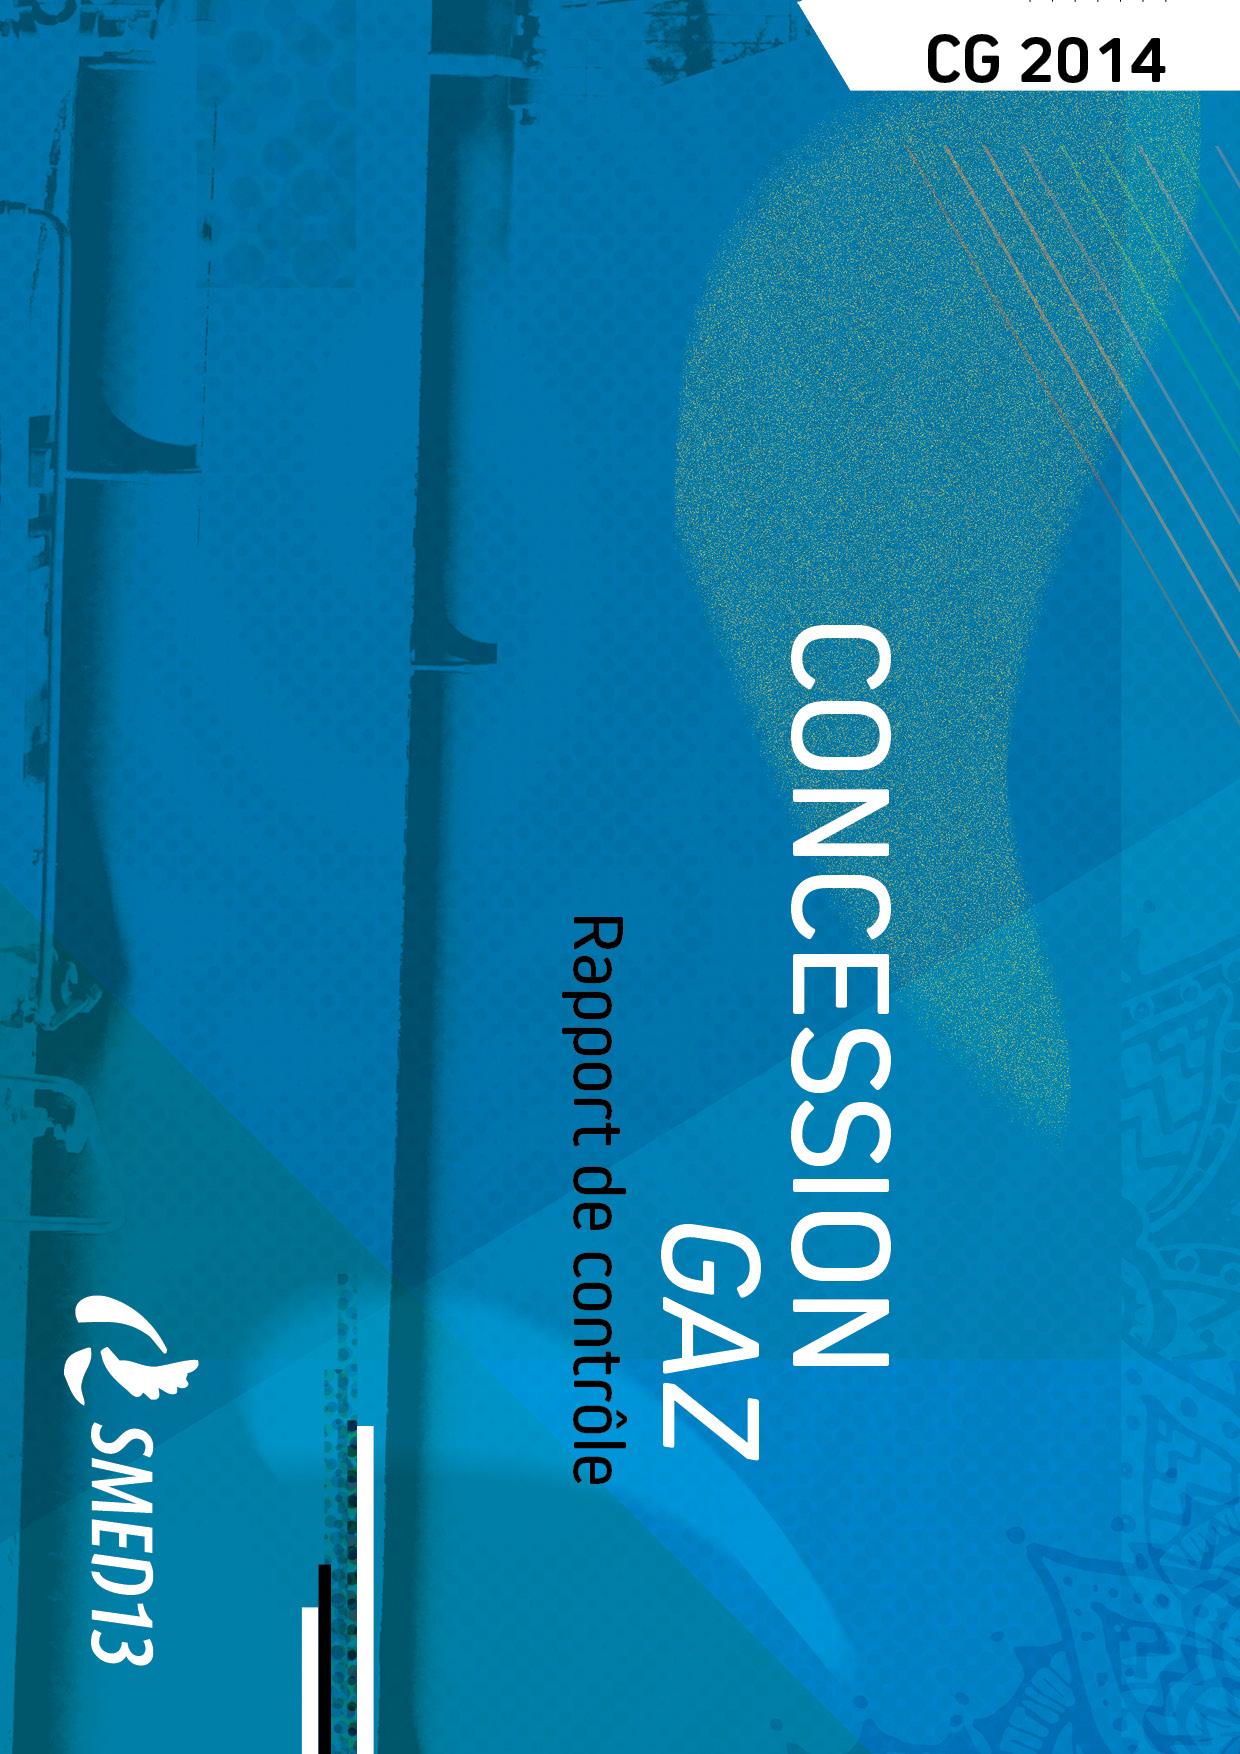 SMED13 - CONCESSION GAZ - Rapport de contrôle 2014 (2016)